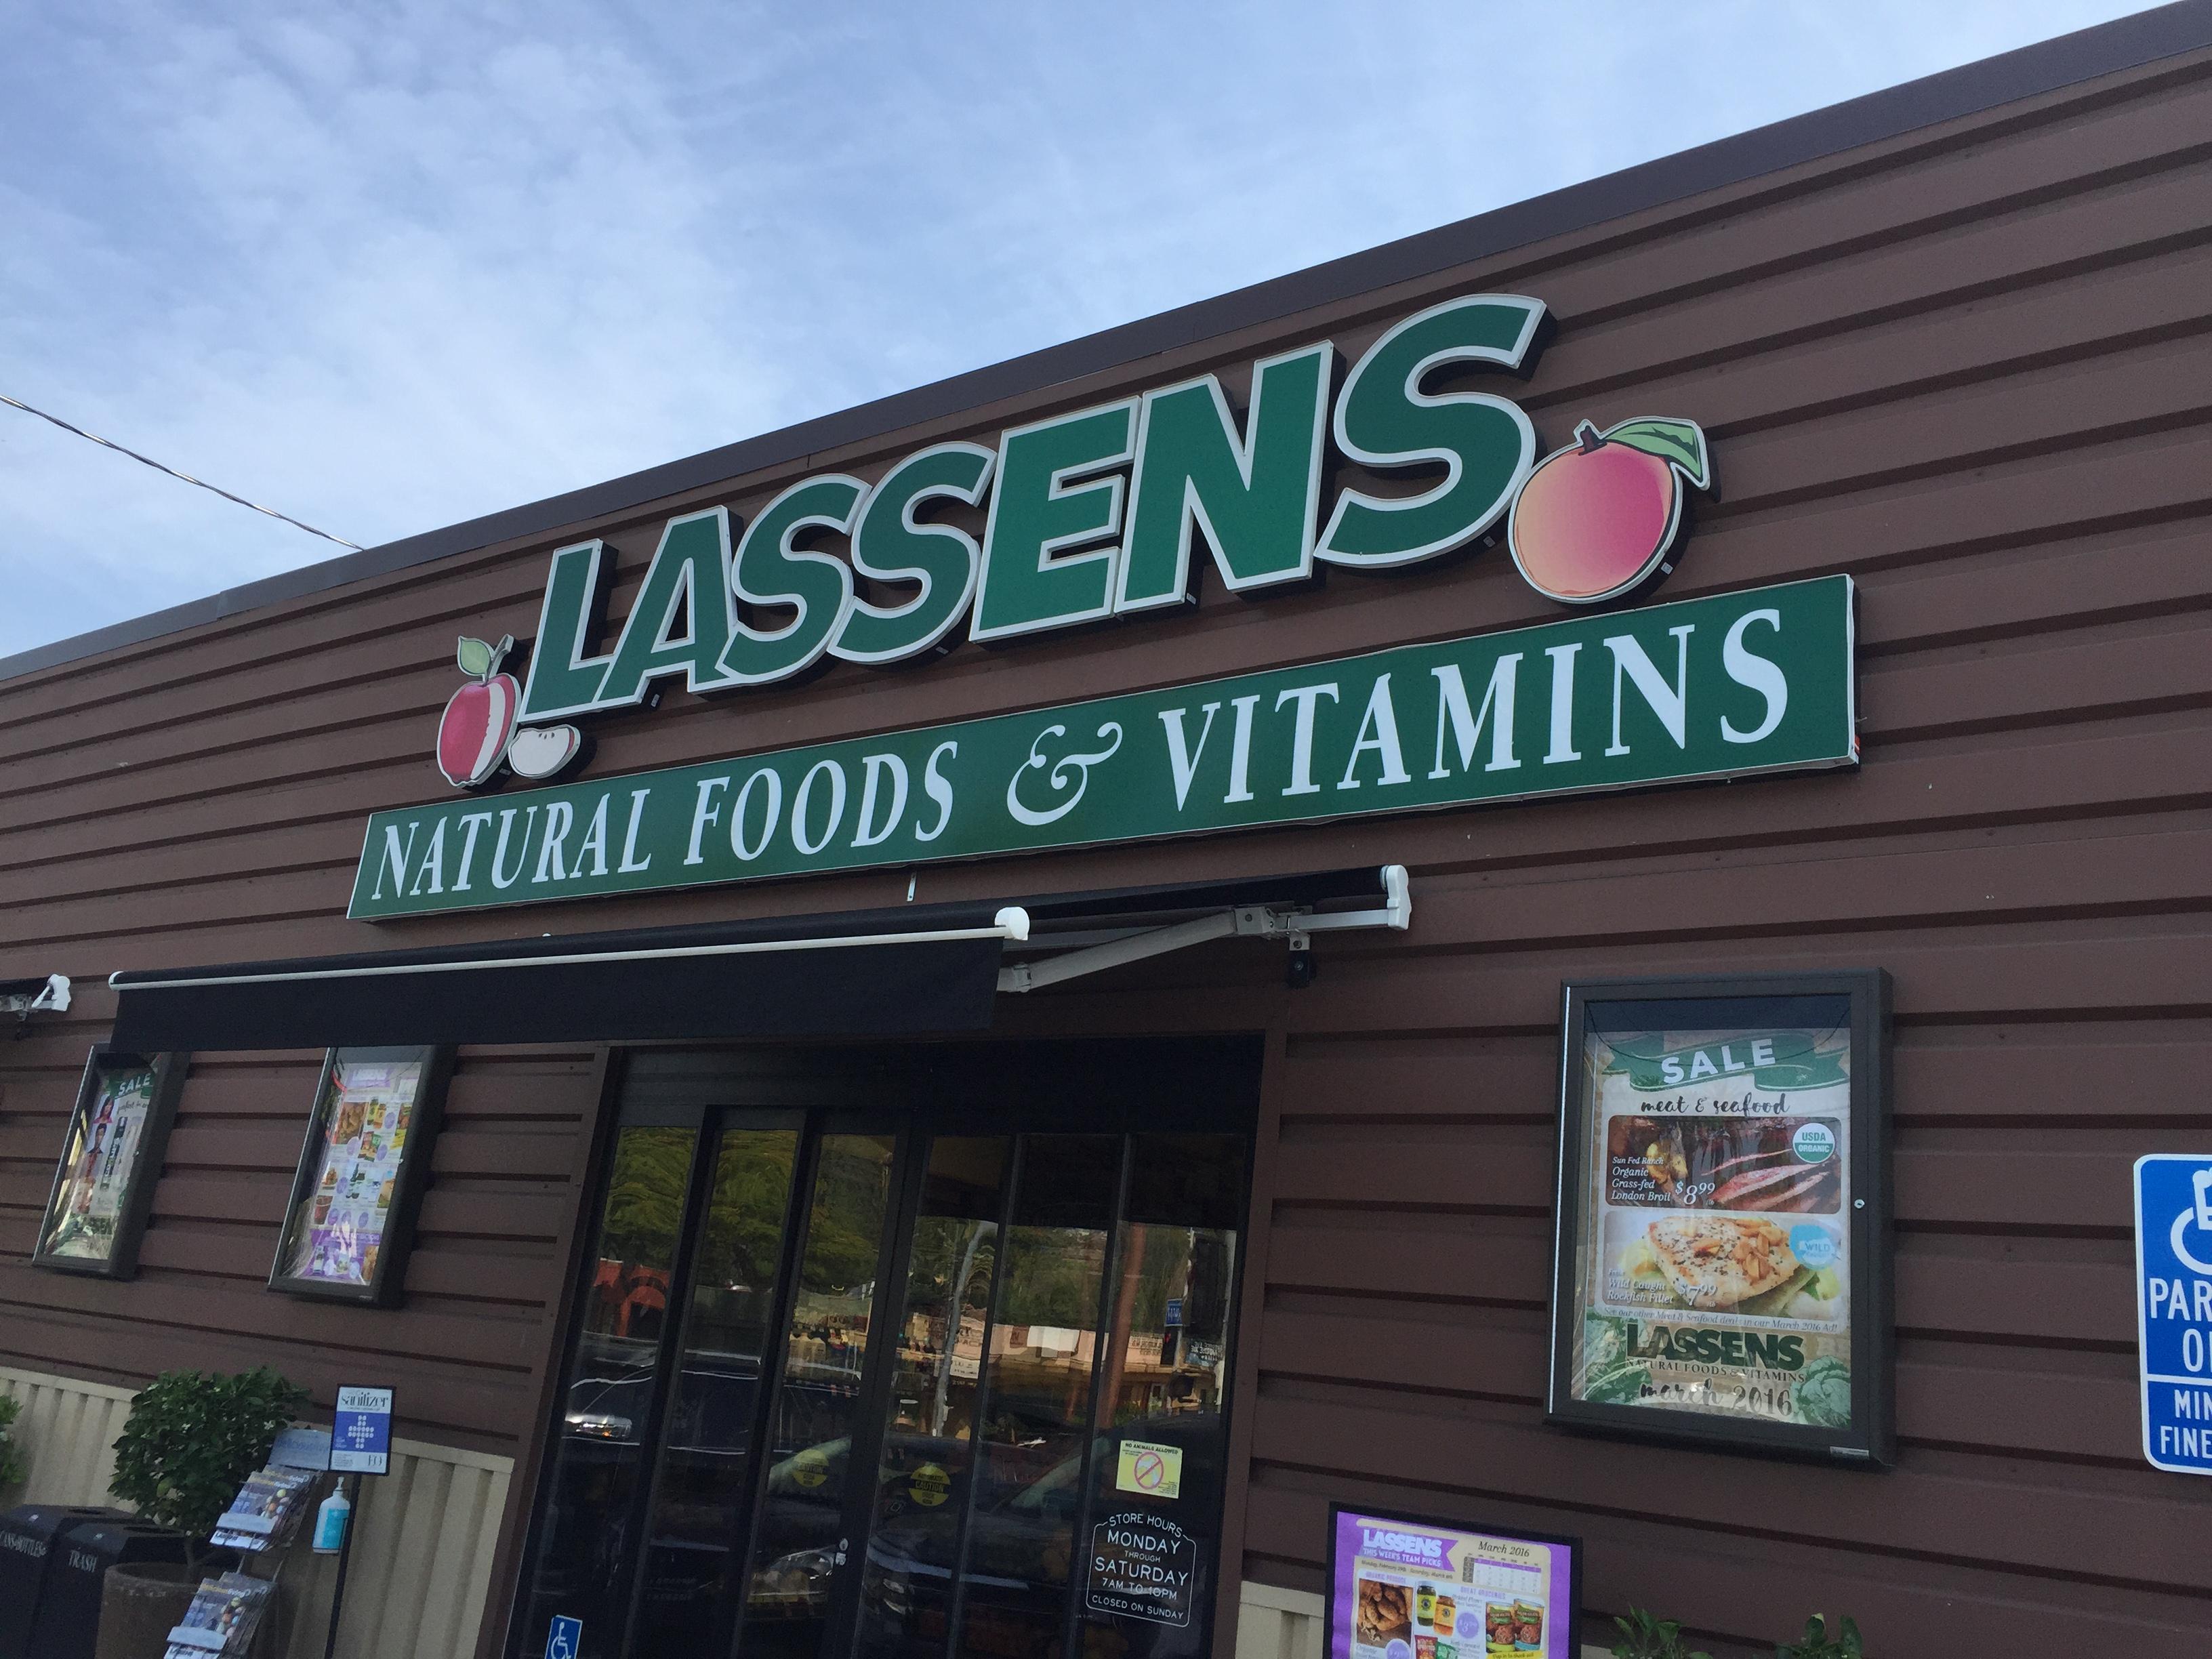 LASSENS   NATURAL FOODS & VITAMINS